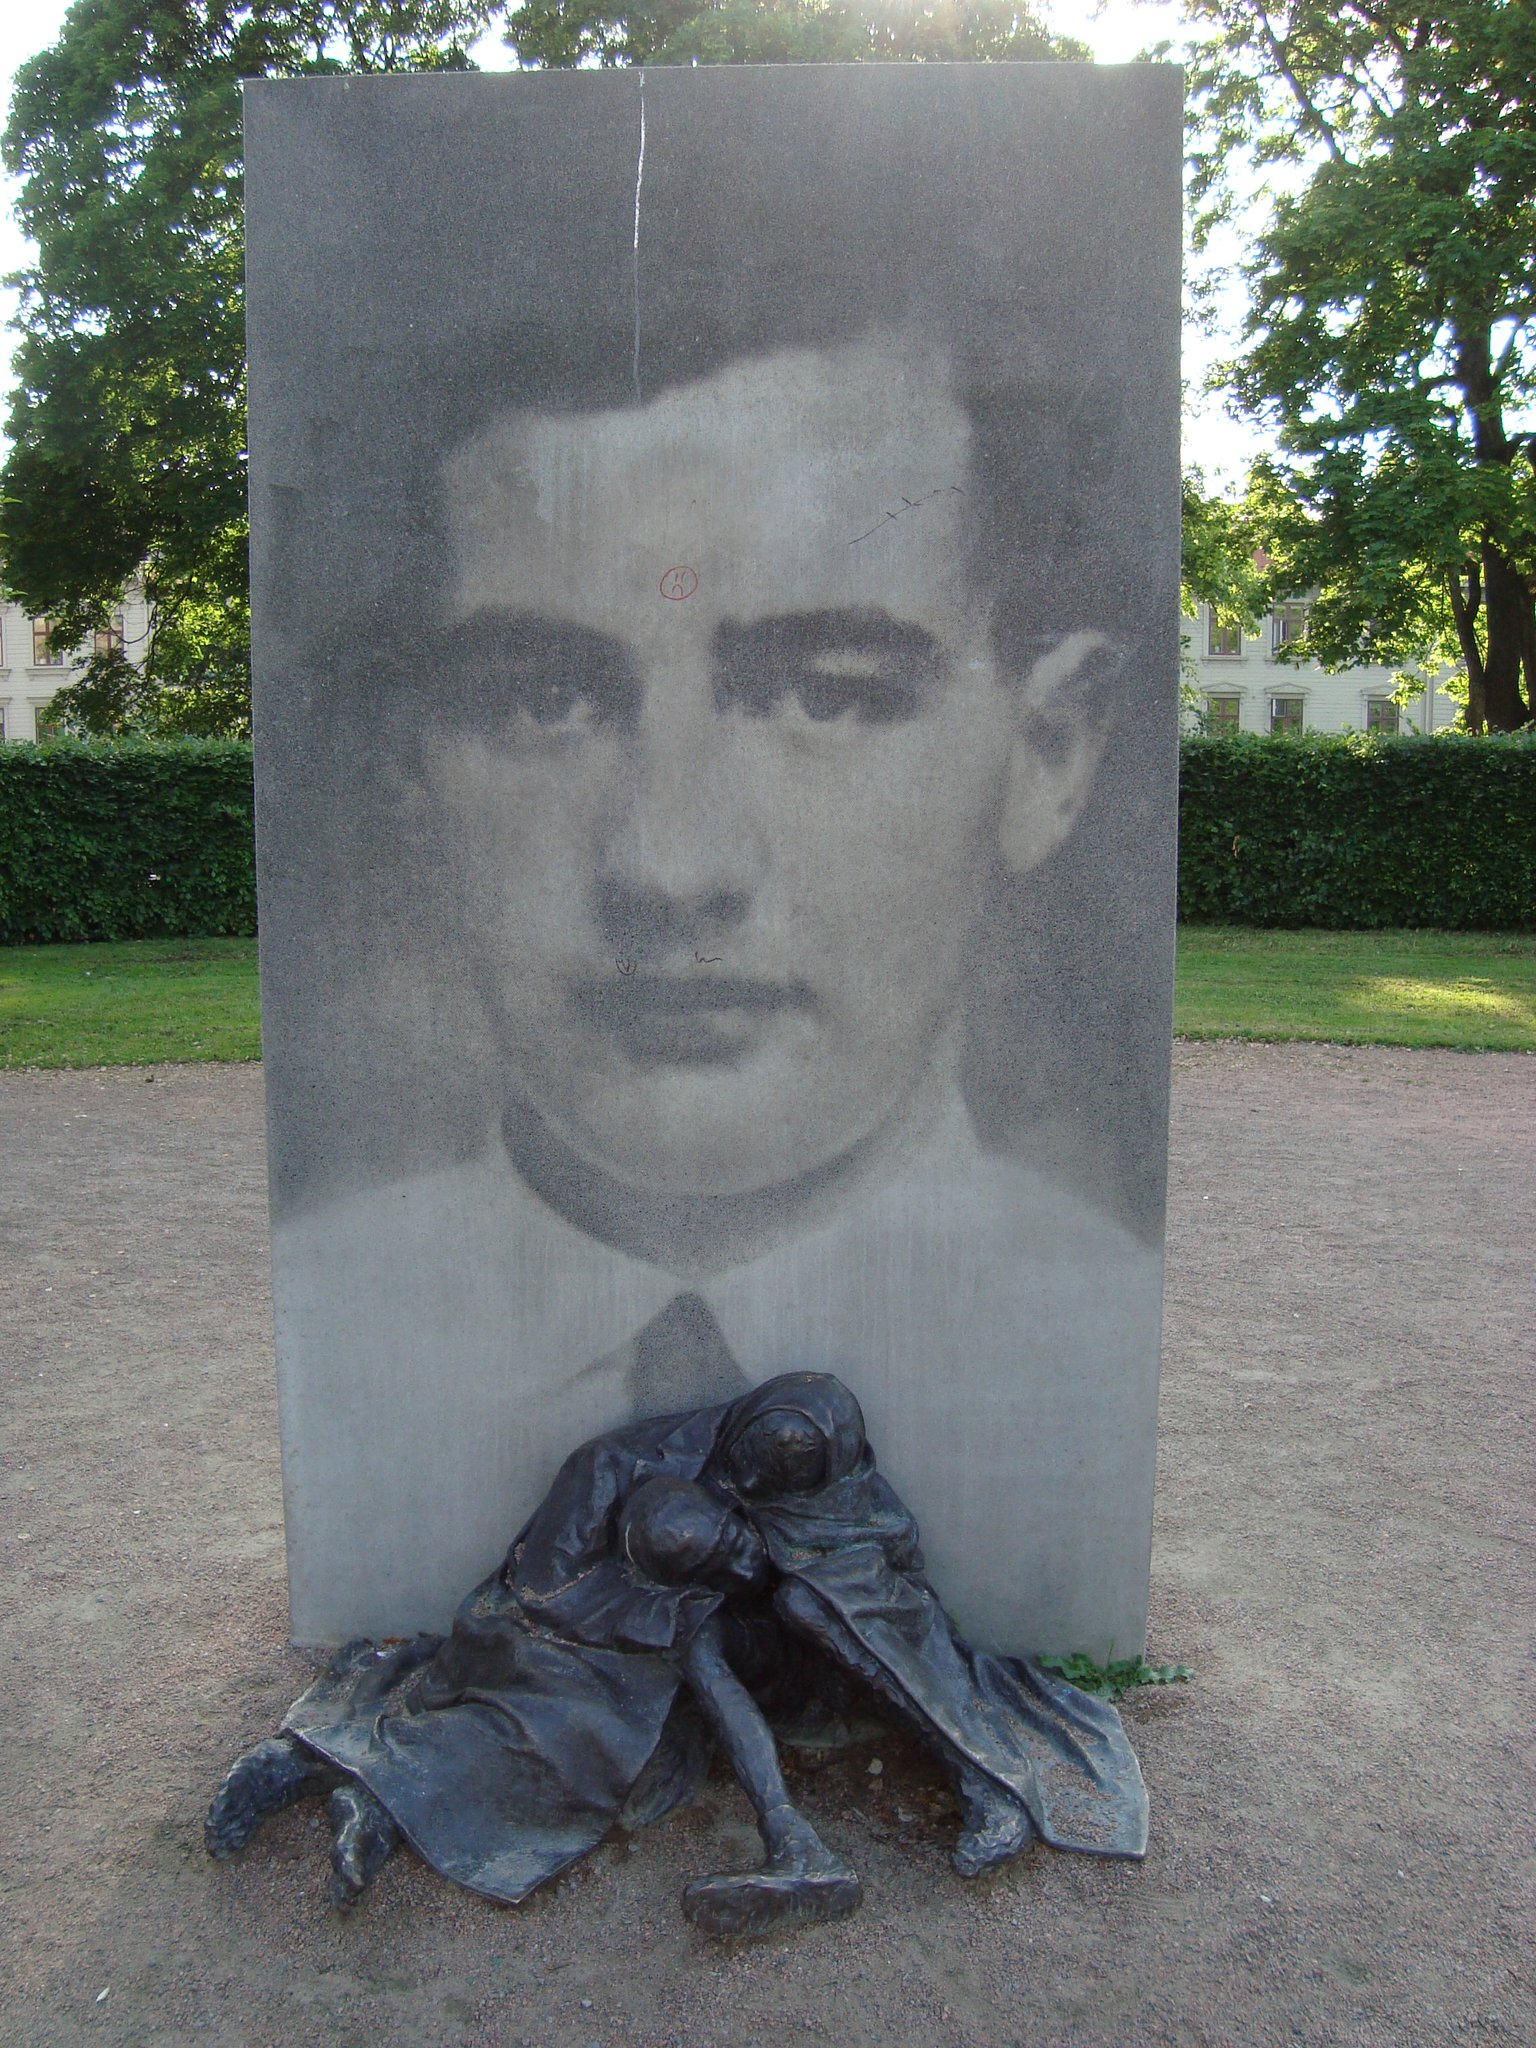 Klotterskydd på Raoul Wallenberg monument.